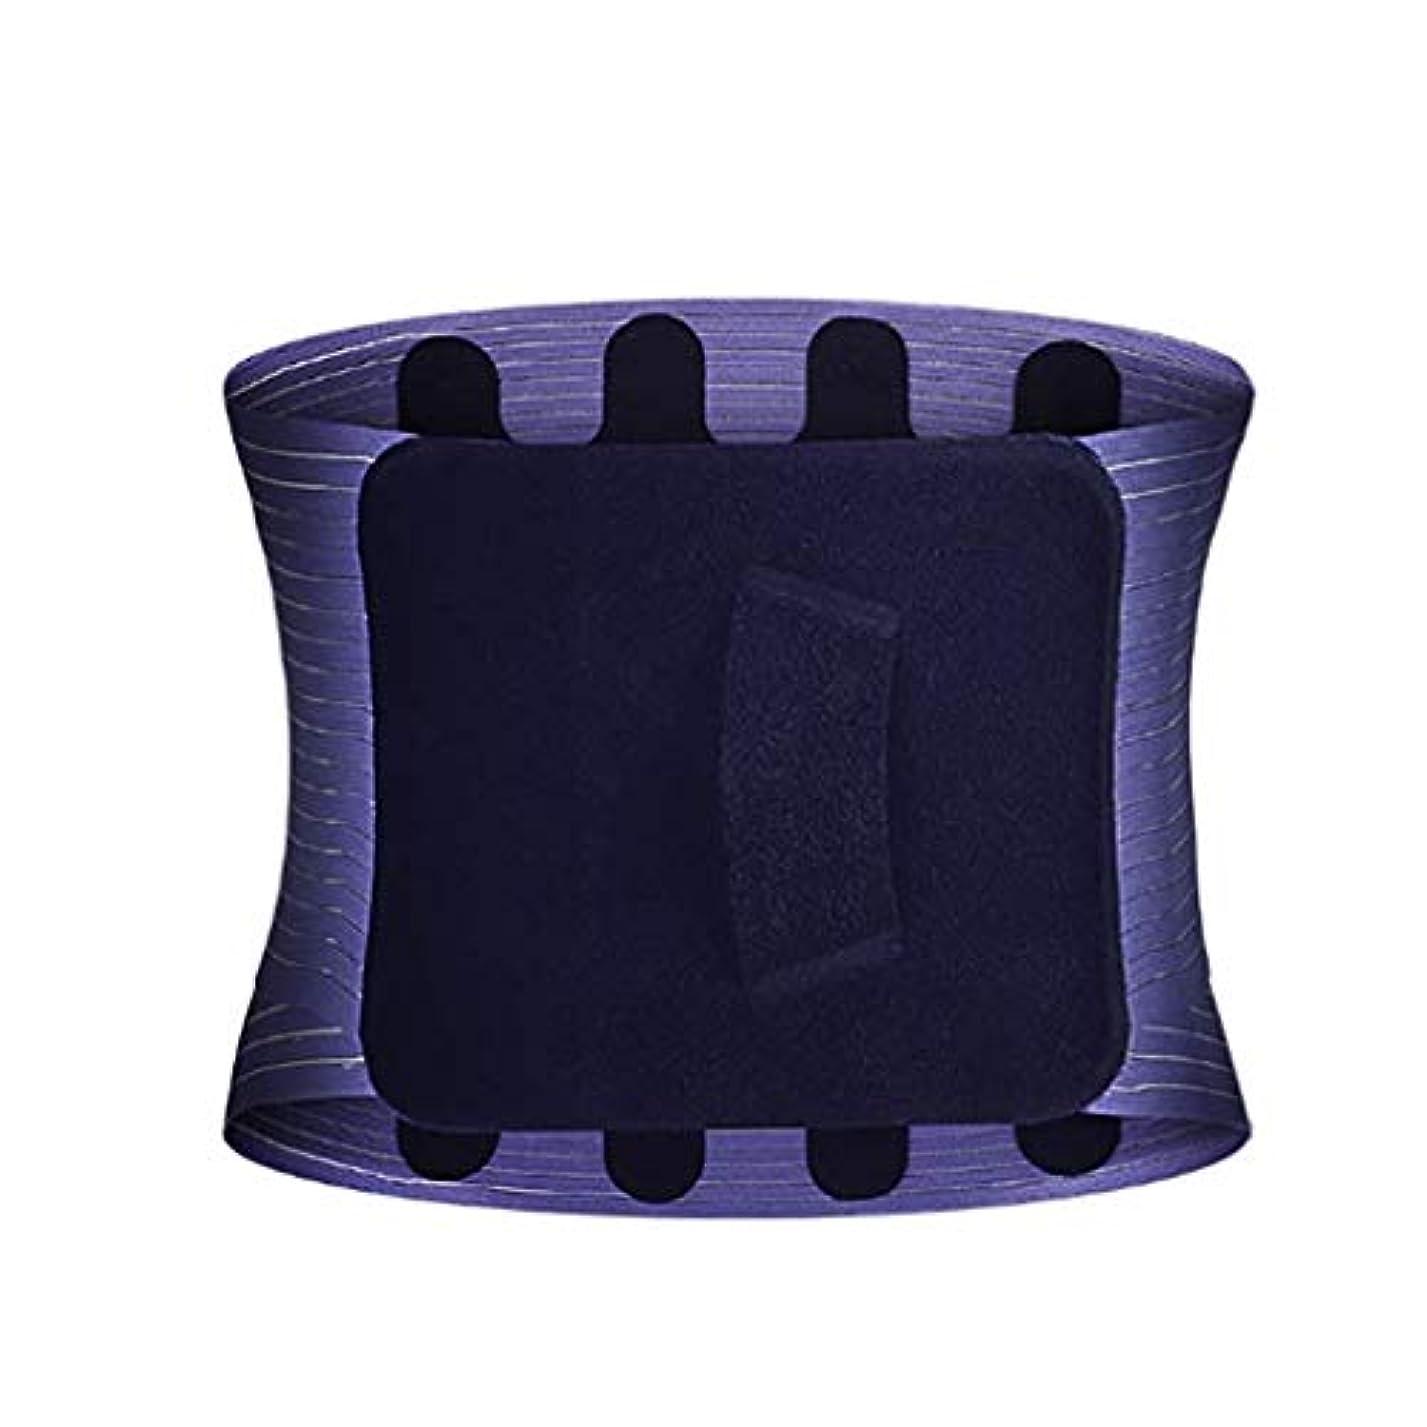 男性膿瘍台風ウエスト補正ベルト、バック/ウエスト暖かさ、ウエストサポートベルト、通気性ベルト、メンズと女性のフィットネスベルト、ワーキング/スポーツ/フィットネスに適した、痛みを緩和、防止けが (Color : 黒, Size : L)